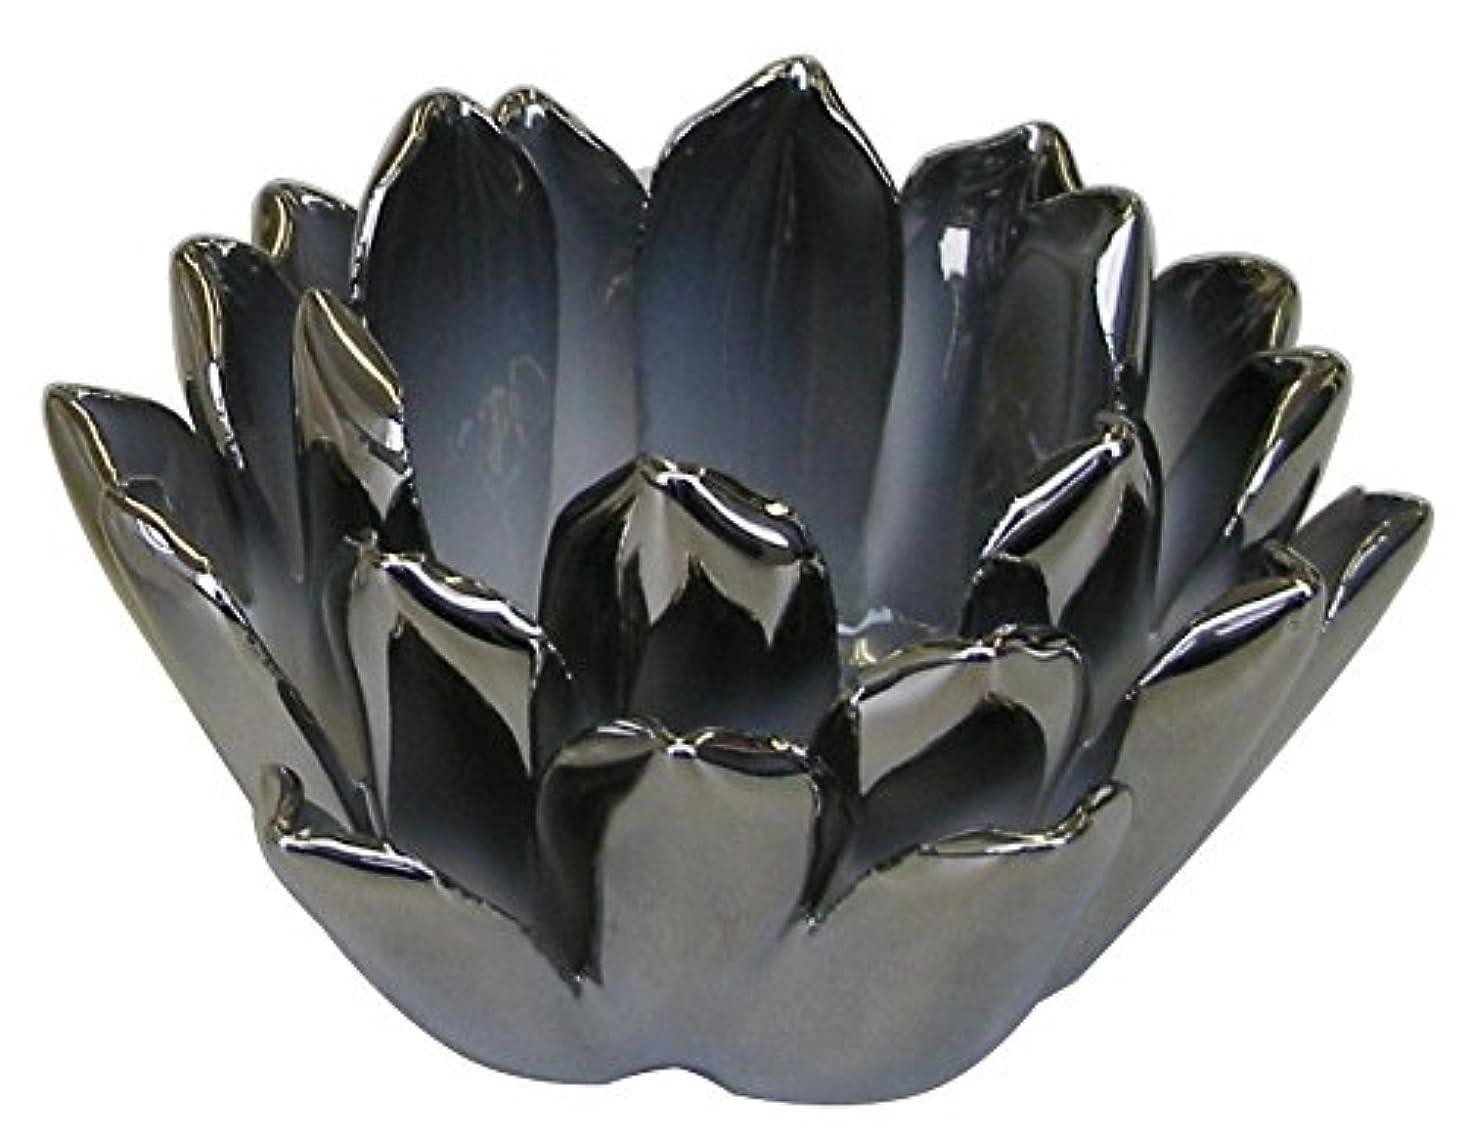 開梱遡るトークマルエス 燭台 陶器製 ロータス 小 シルバー